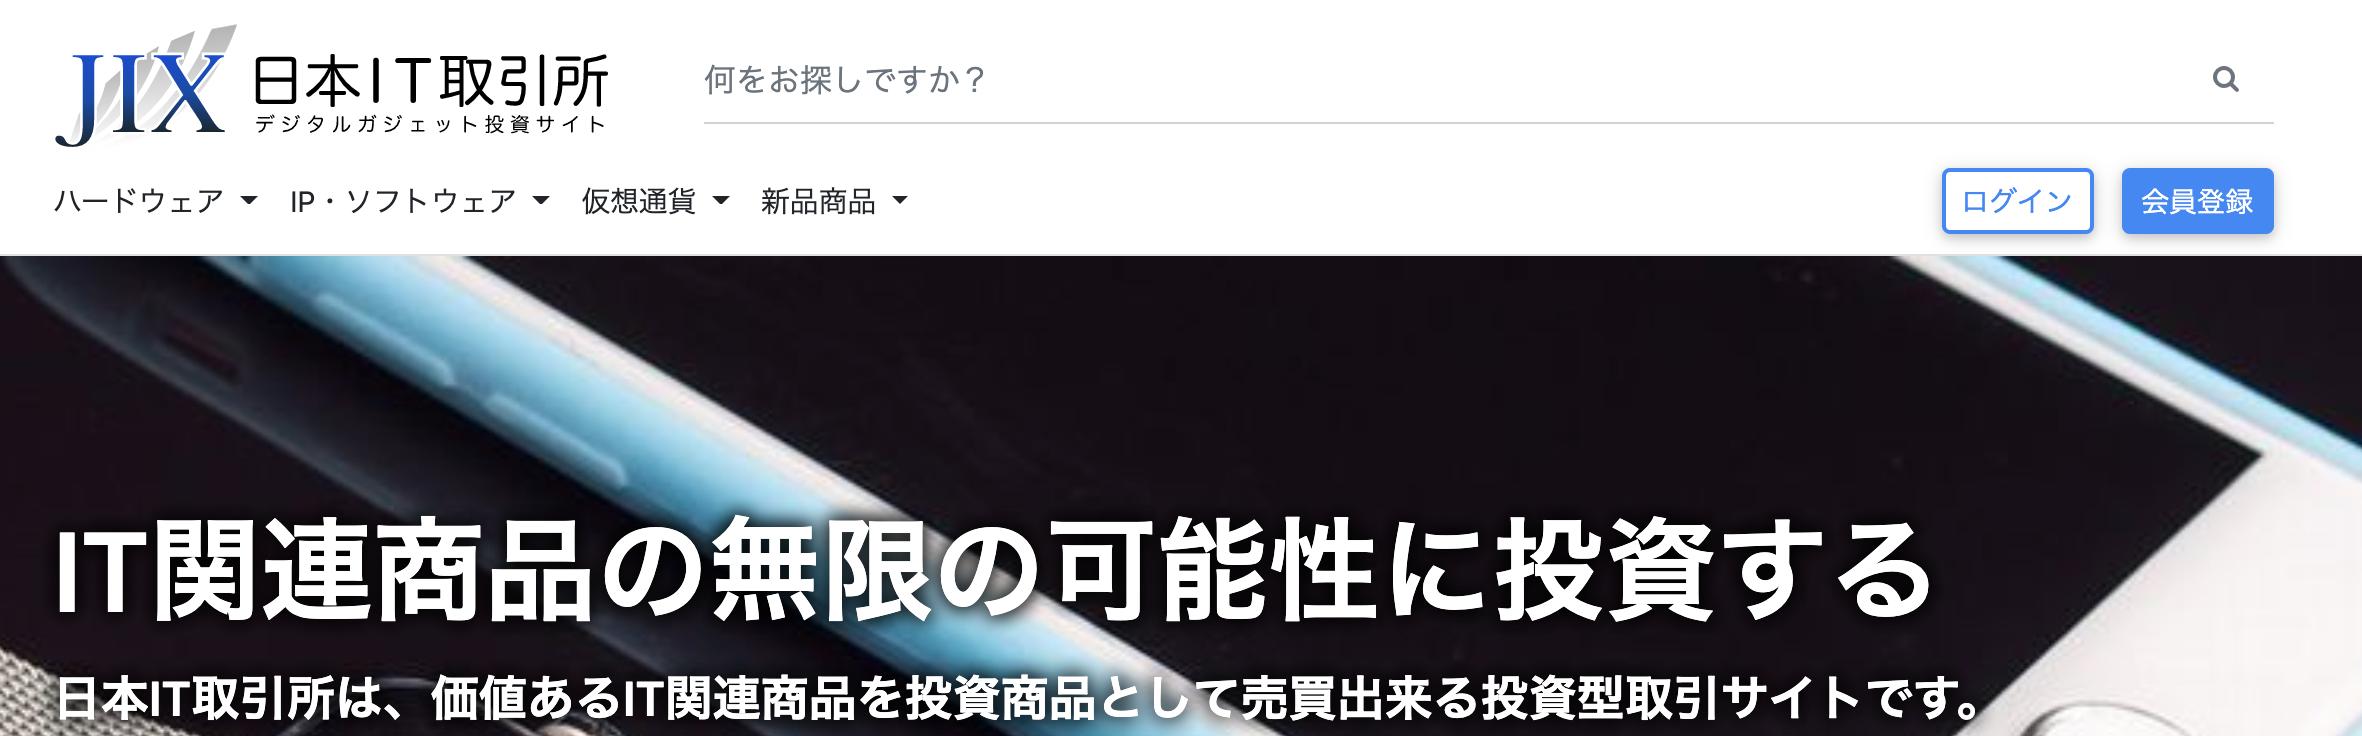 デジタルガジェット専門の取引サイト「日本IT取引所」では転売もできるらしい